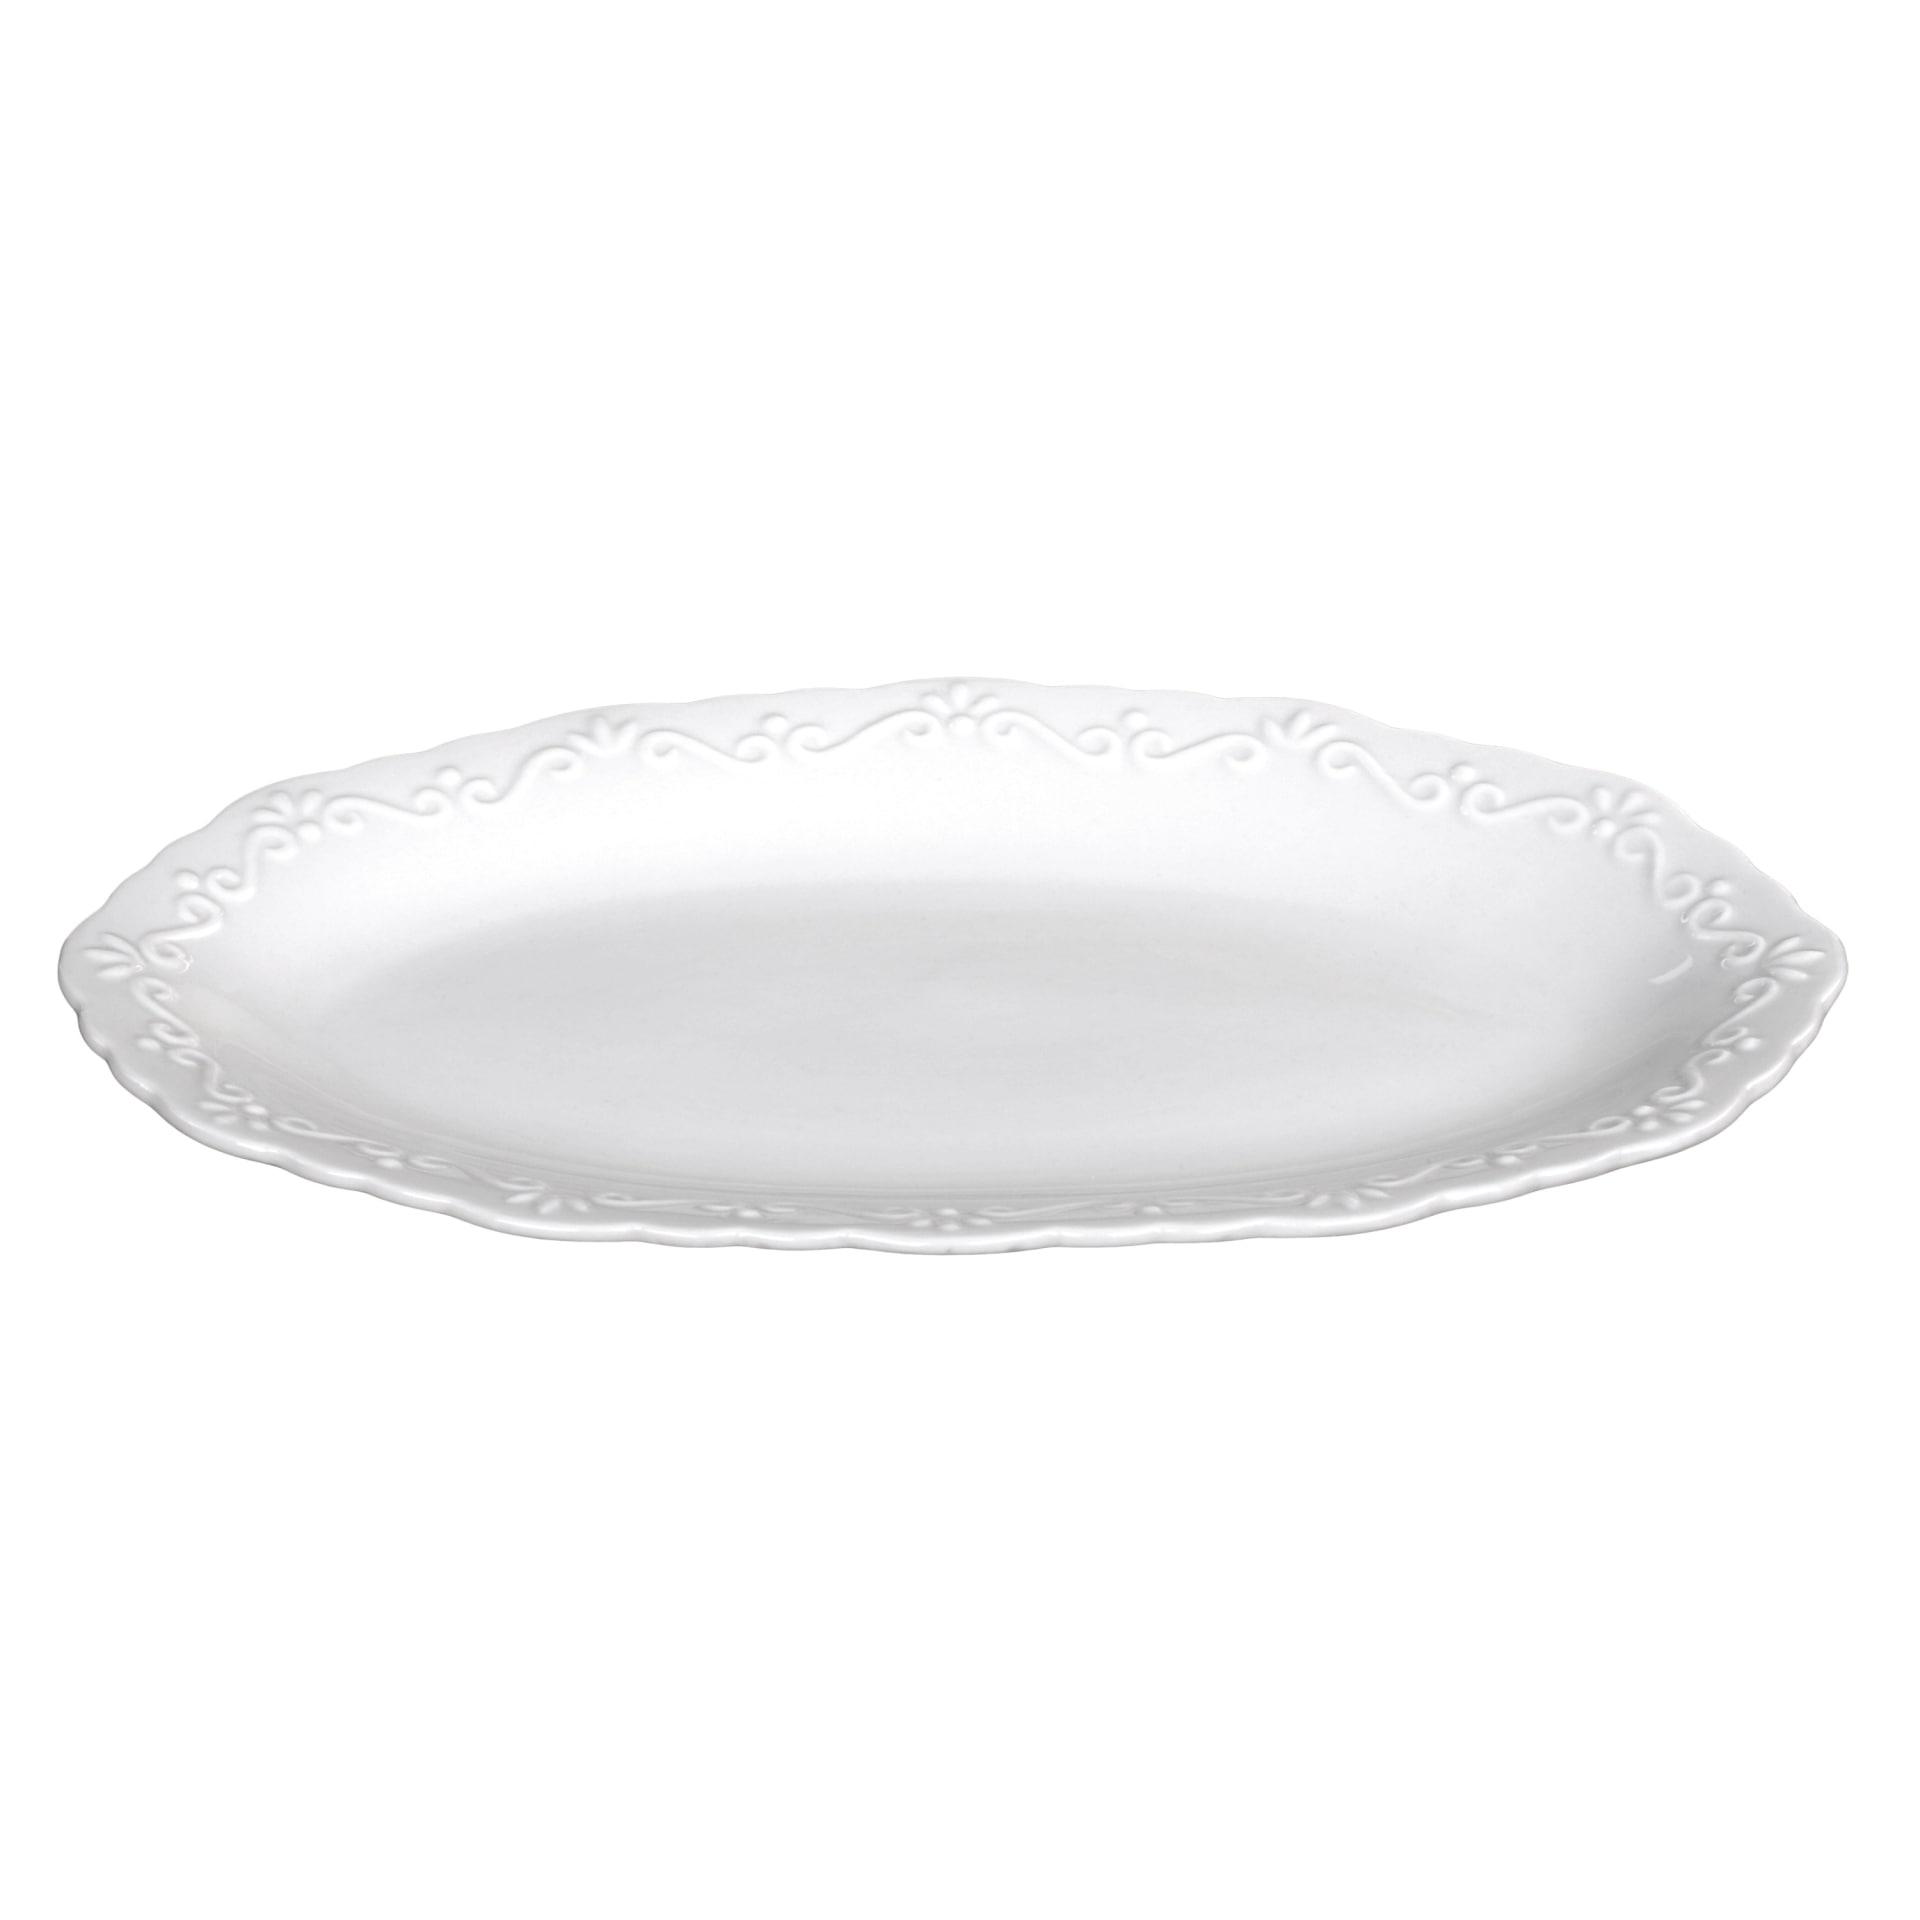 Chic Antique Porcelánový servírovací talířek Provence, bílá barva, porcelán